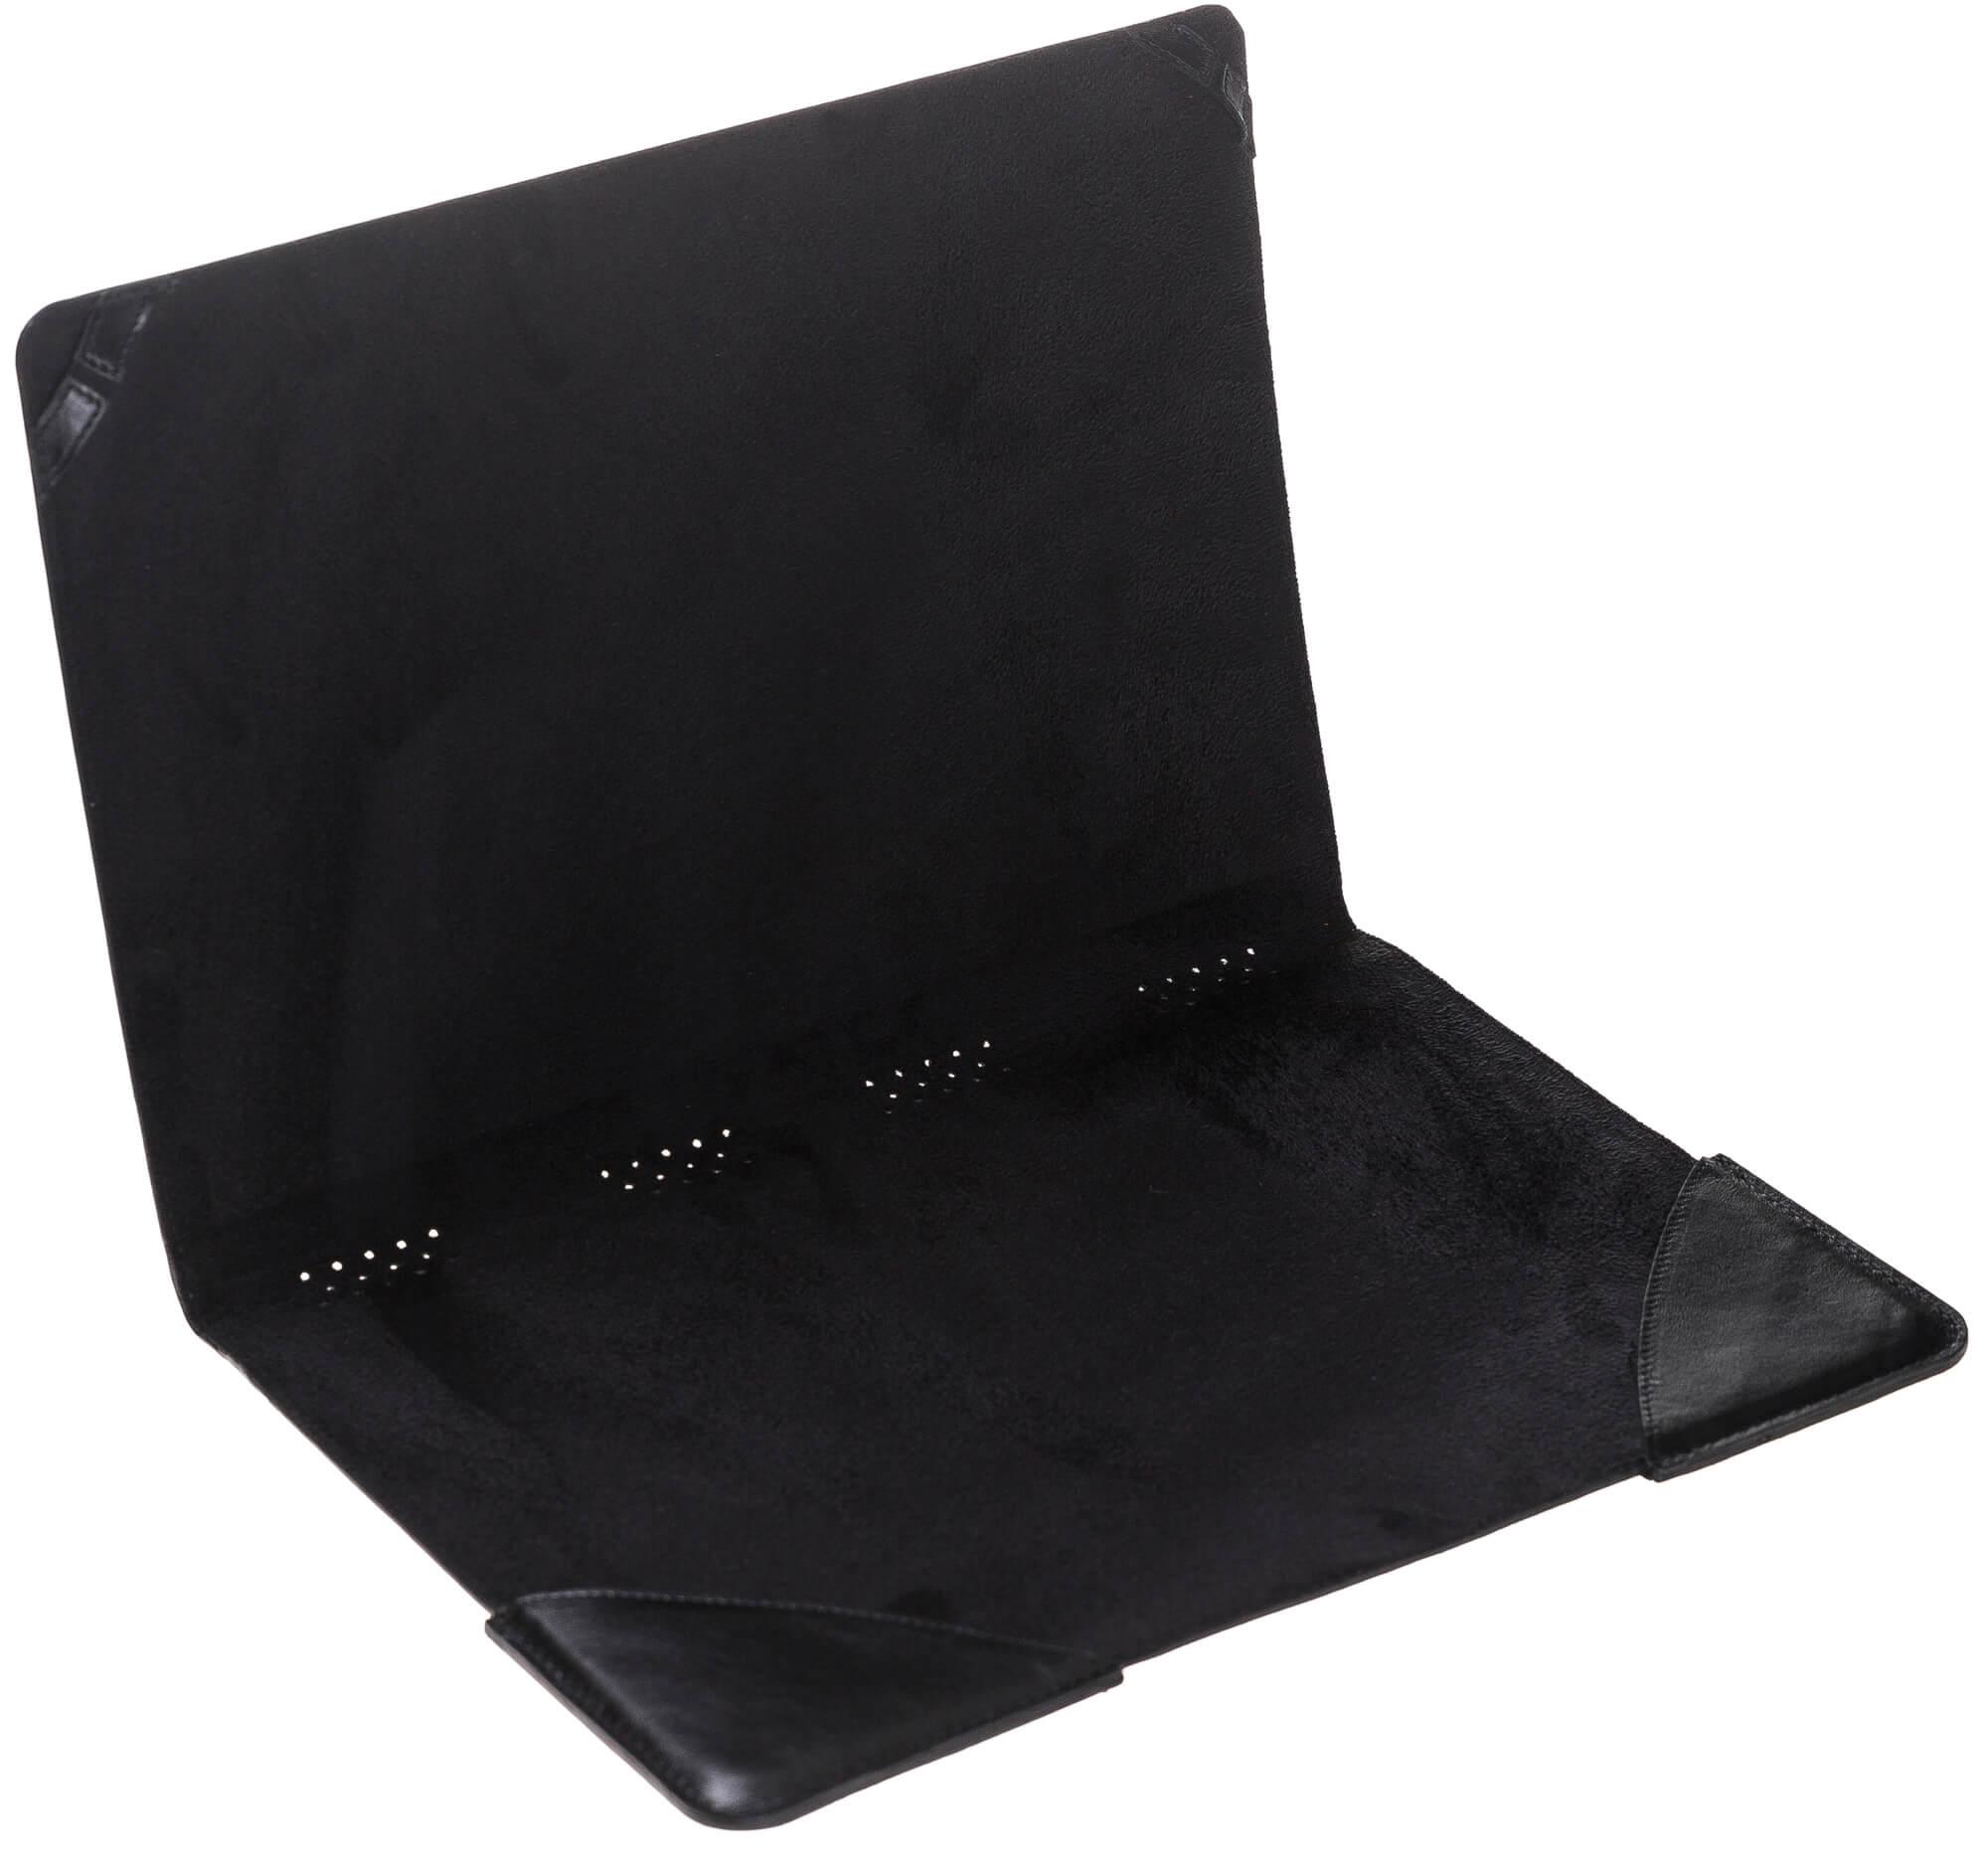 """MacBook 12 Zoll """"Münich"""" Tasche aus echtem Leder in Schwarz"""